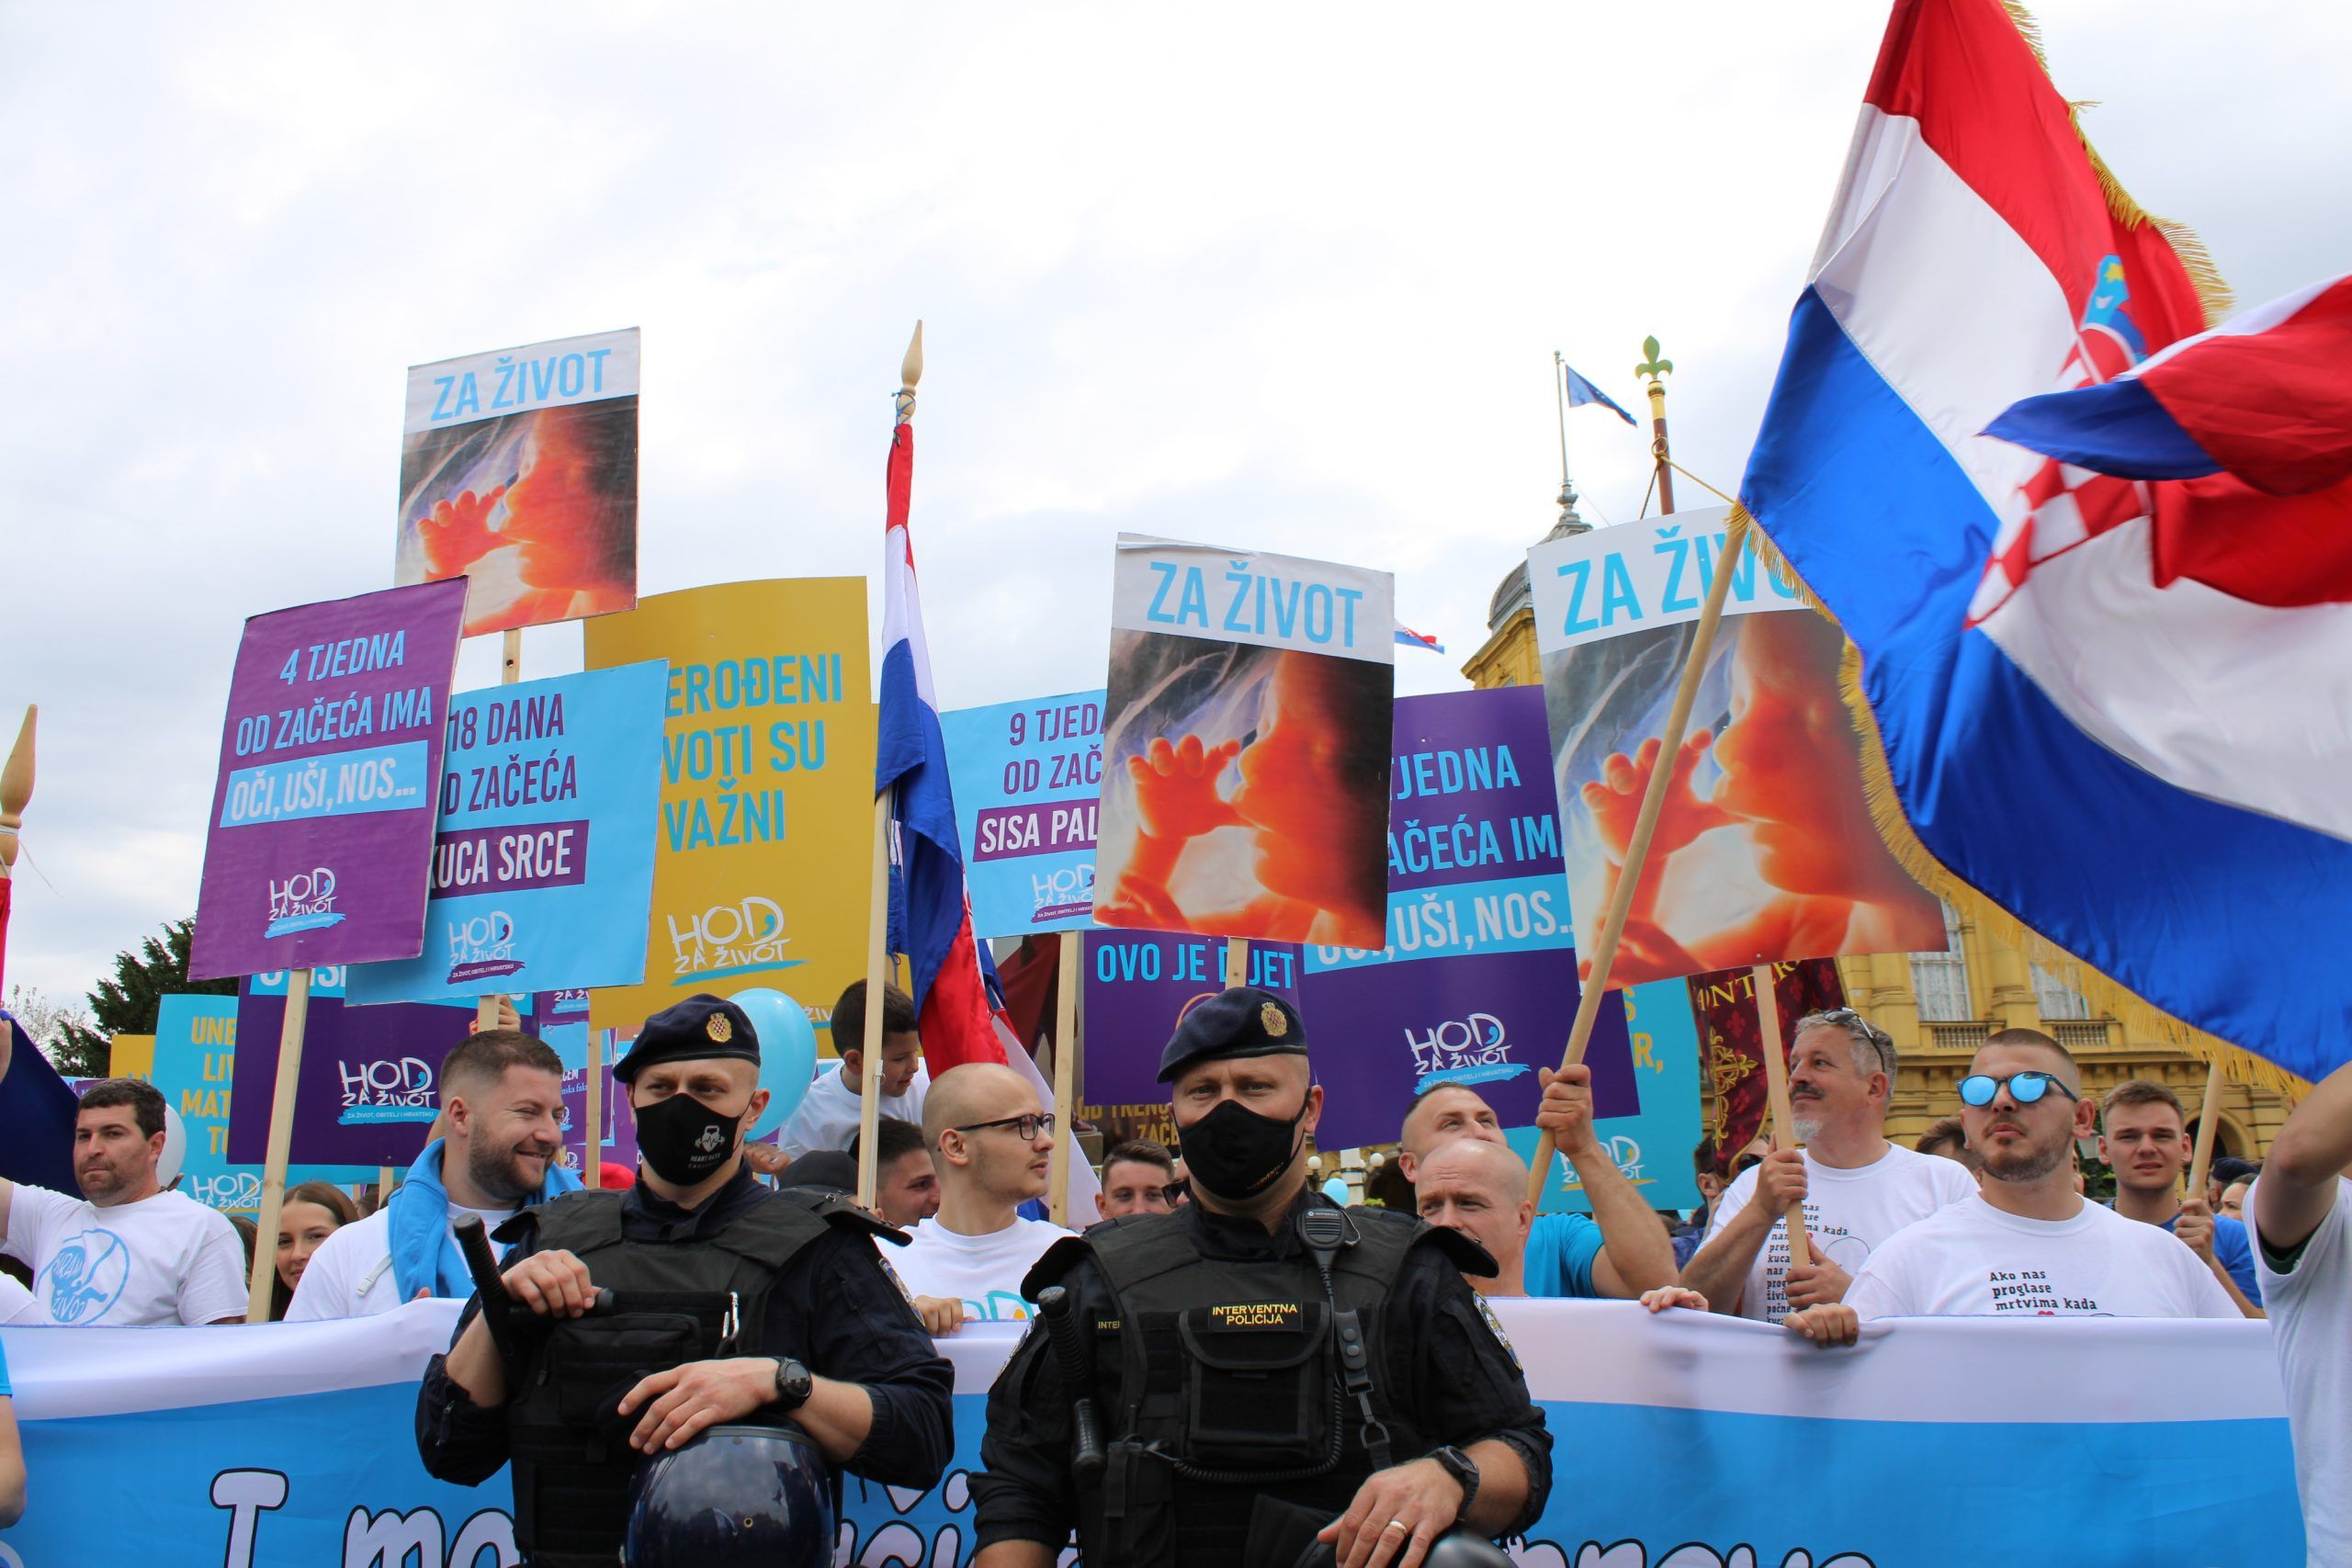 """HOD ZA ŽIVOT, OBITELJ I HRVATSKU: """"Policija je pokazala da stoji na strani ljudskih vrijednosti i života"""""""